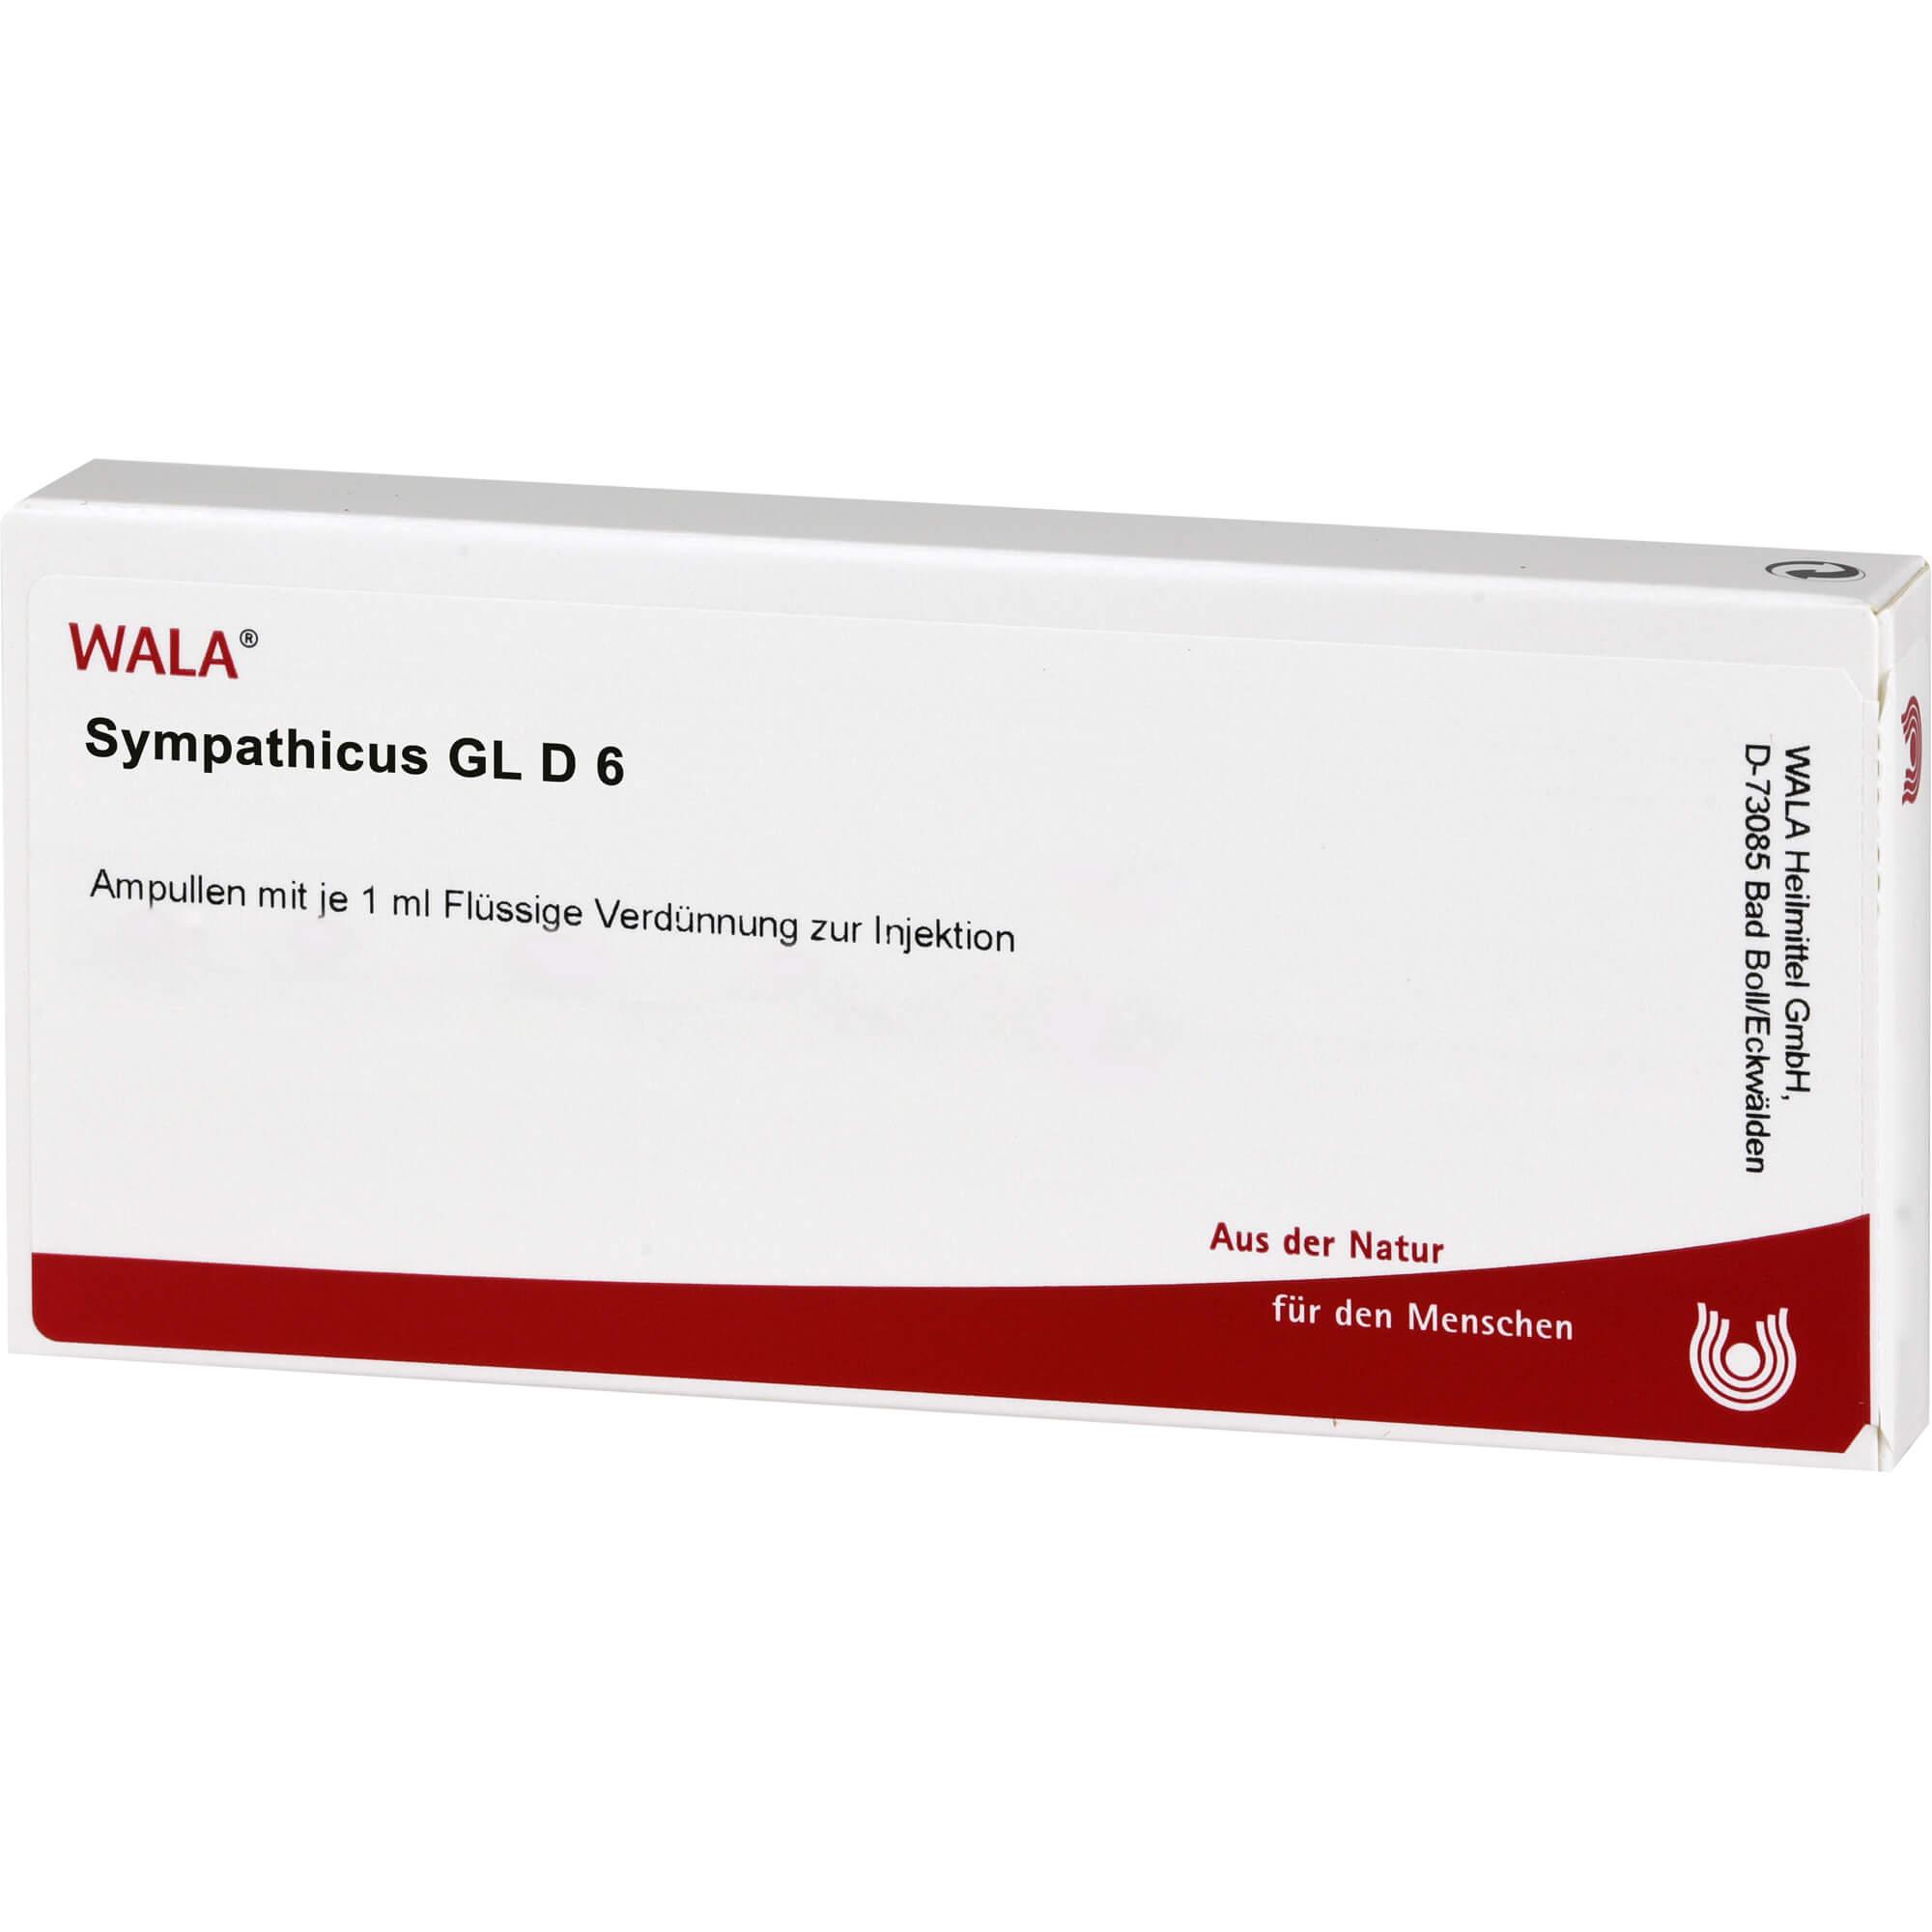 SYMPATHICUS GL D 6